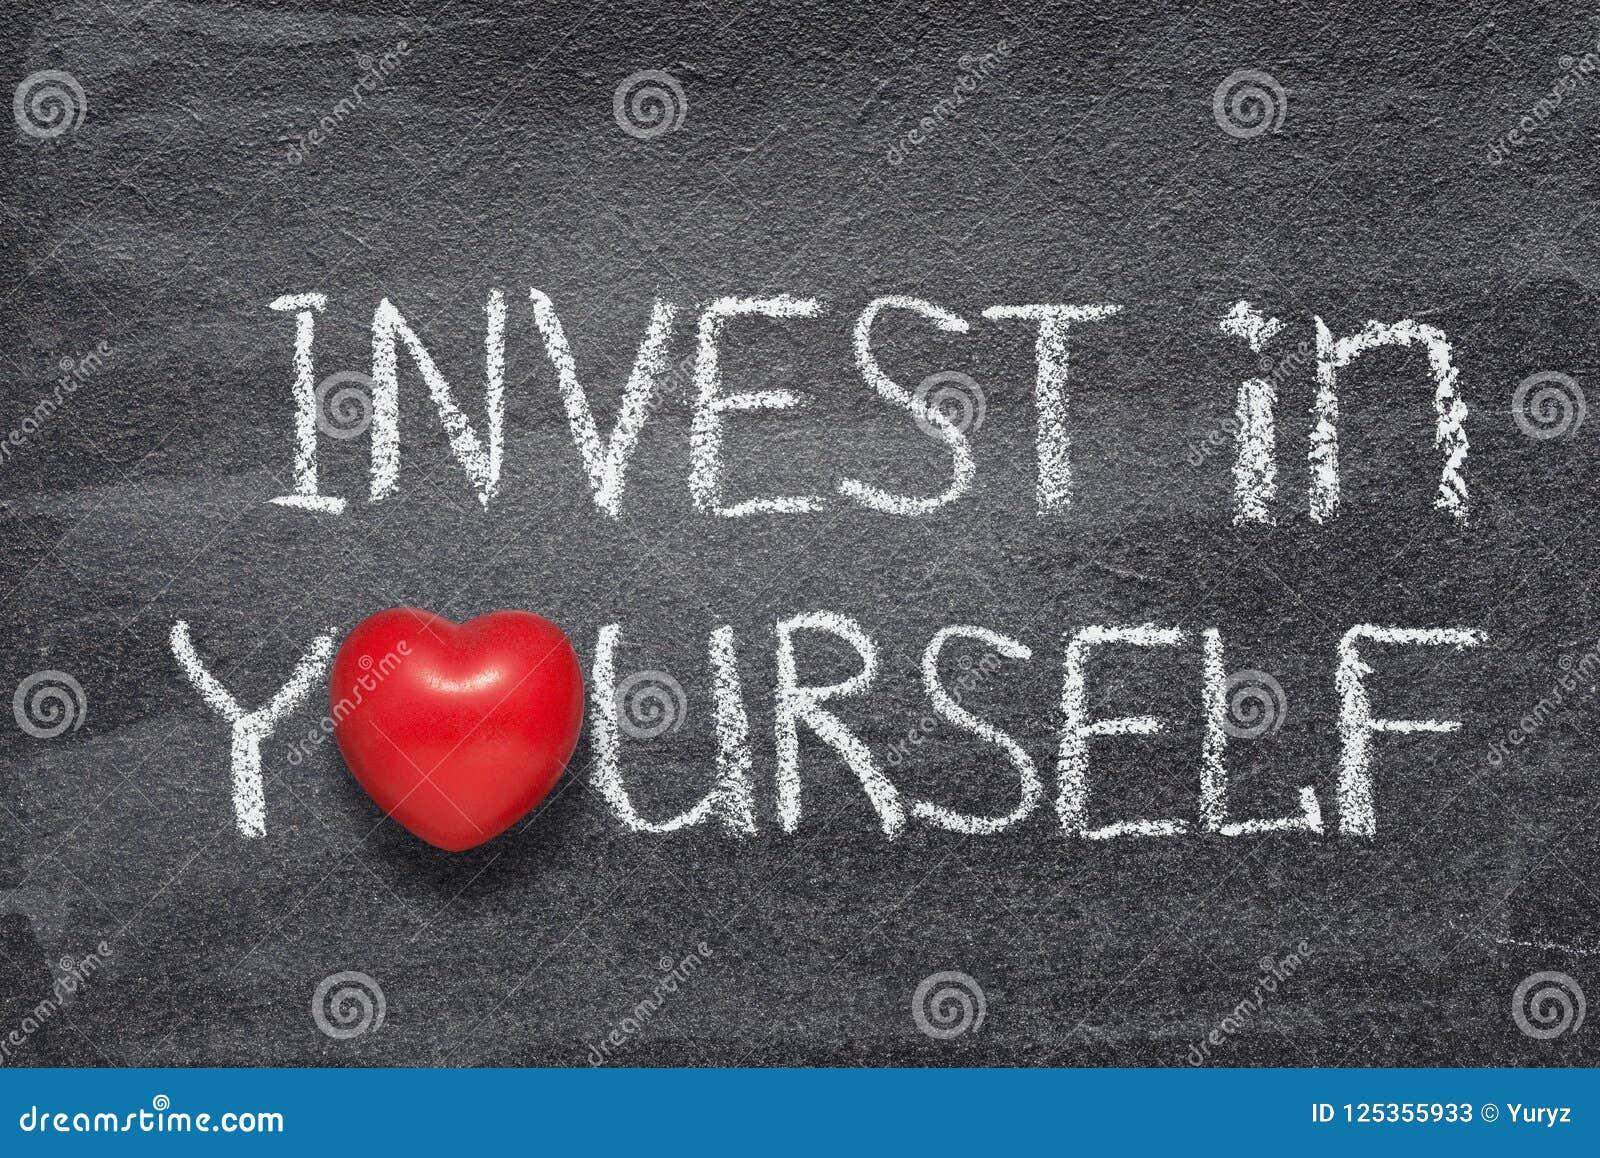 Invierta en sí mismo